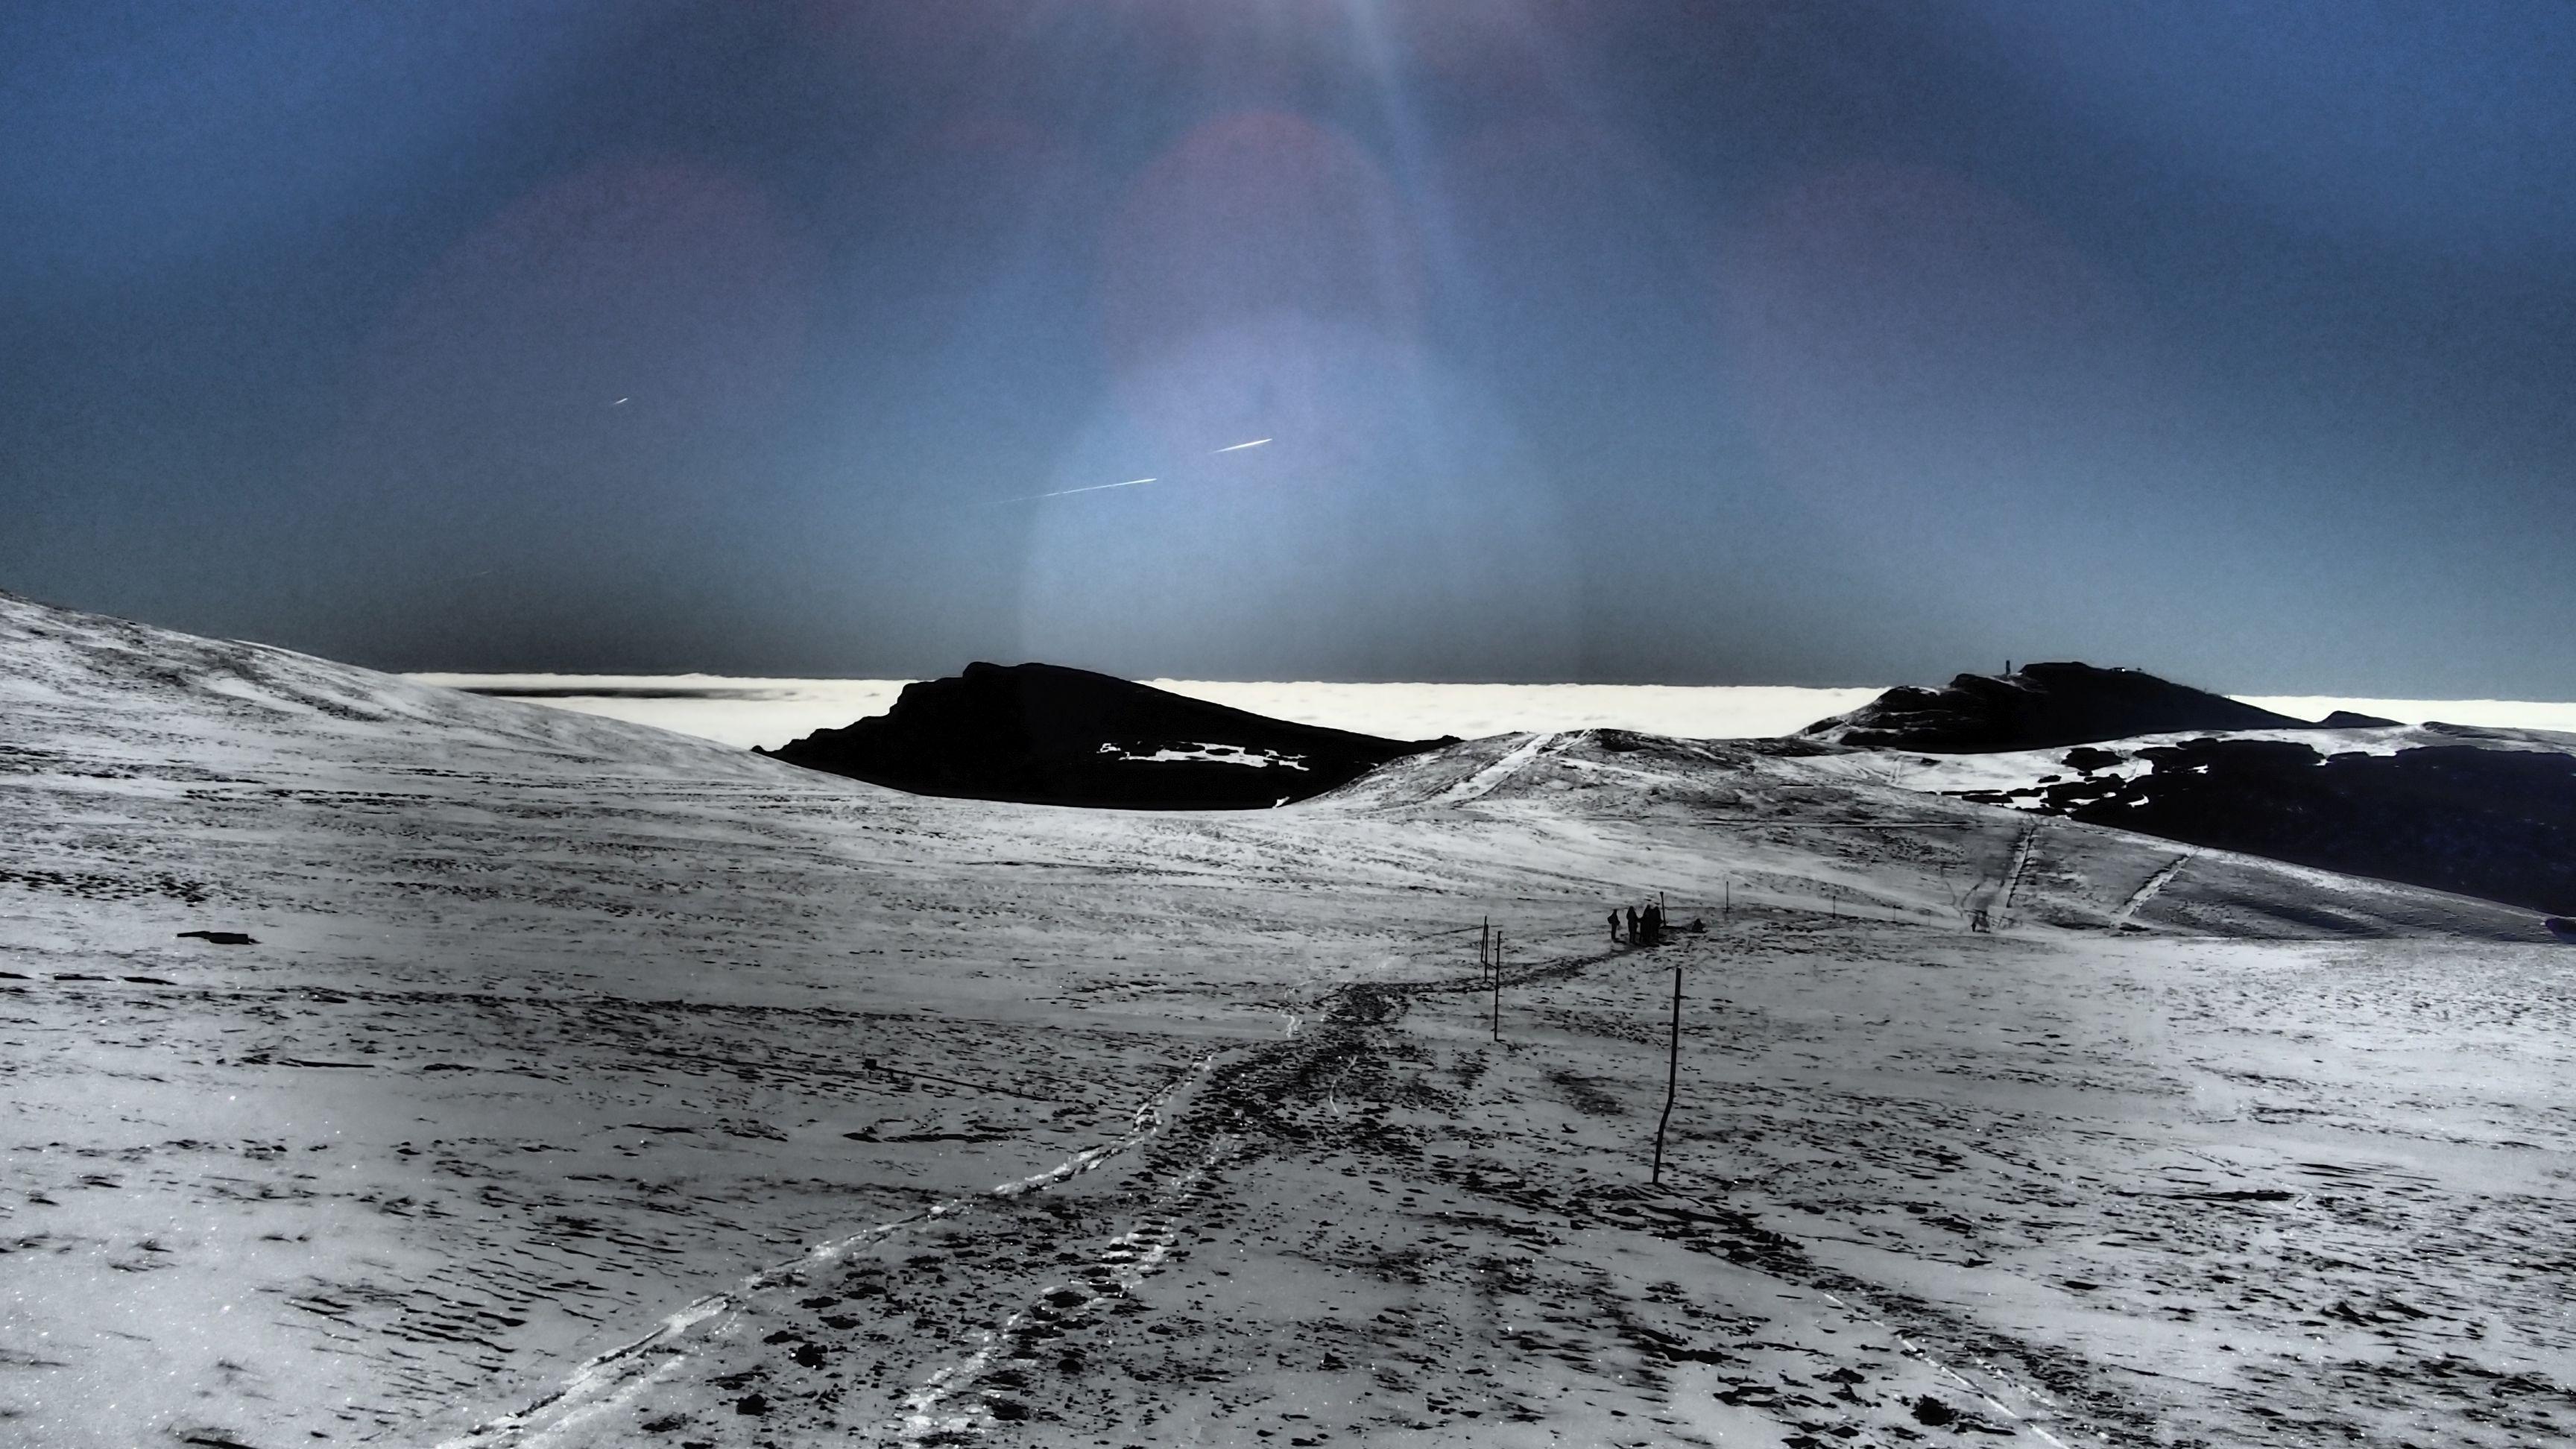 Alergare de iarnă Sinaia - Babele, vedere spre Cota 2000 dinspre urcarea spre Babele